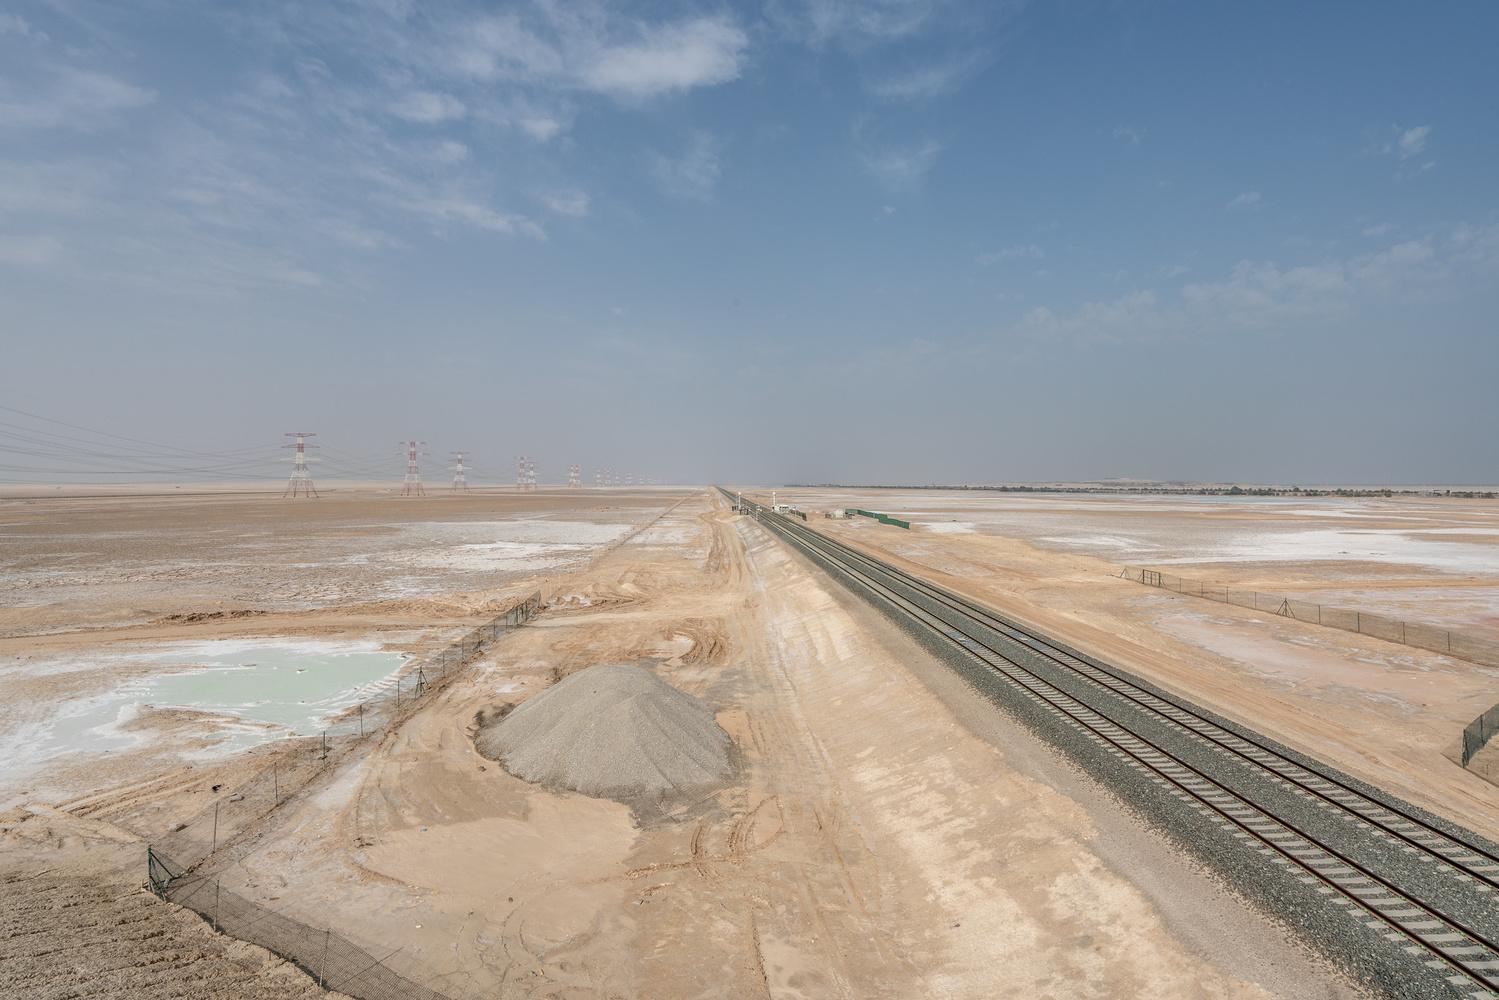 Emirati Rail by Daniel Simon